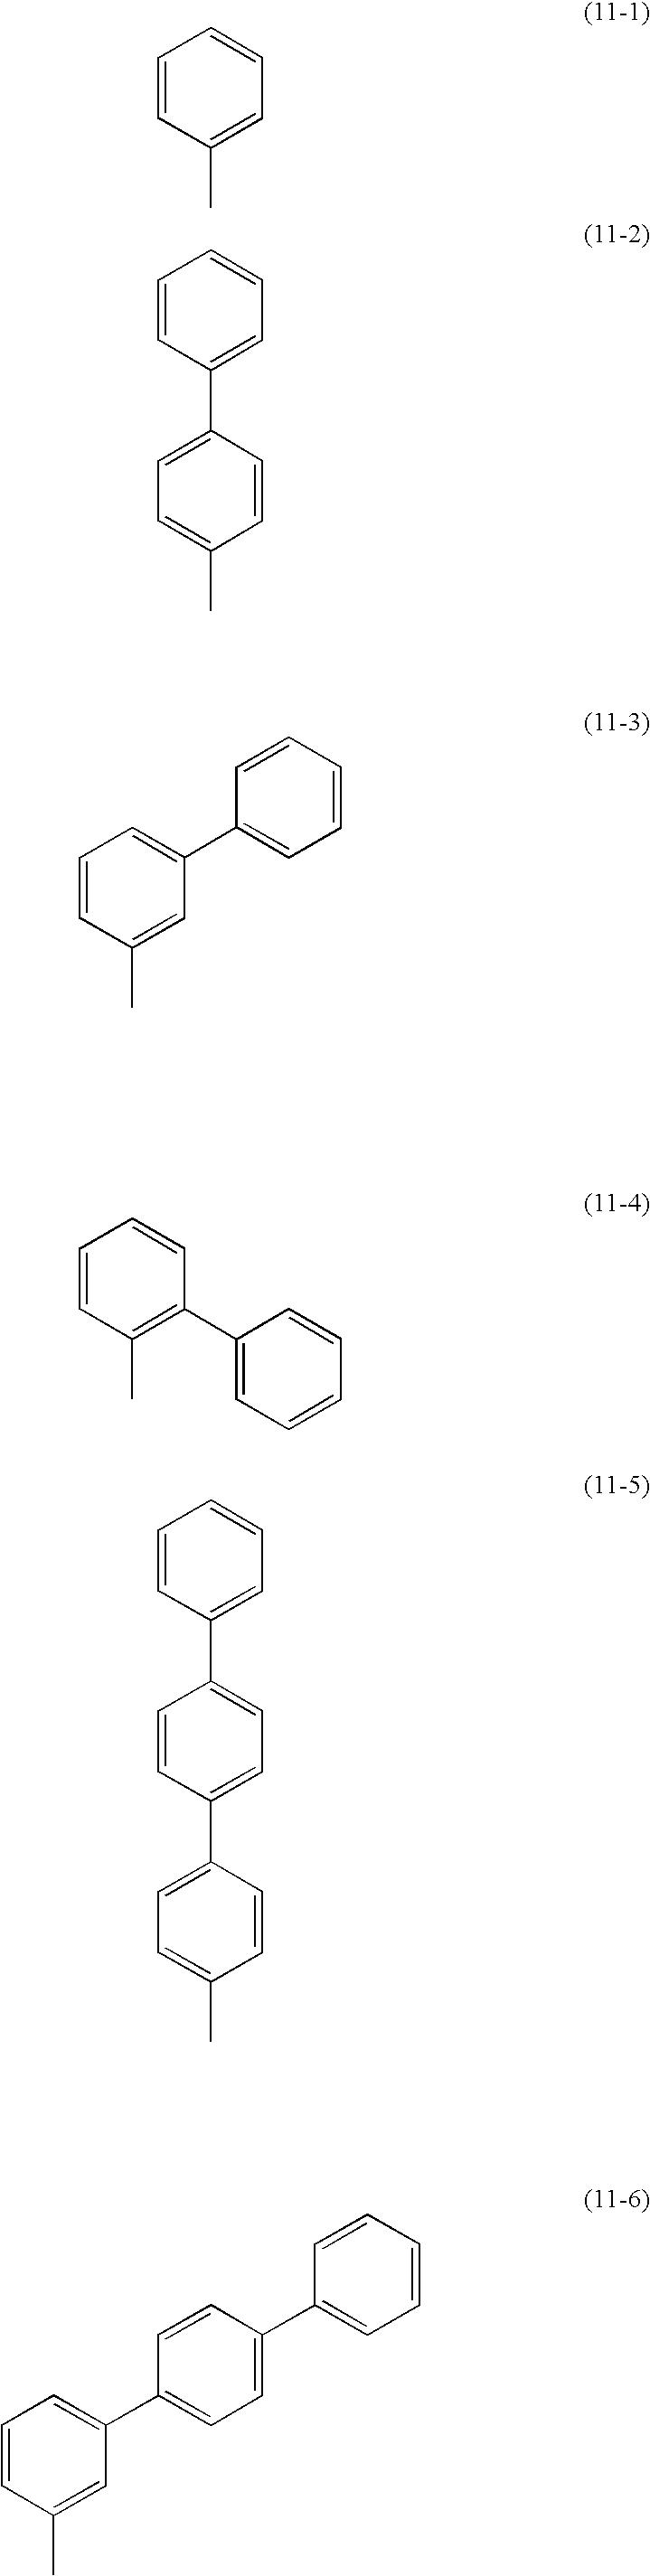 Figure US08178216-20120515-C00012